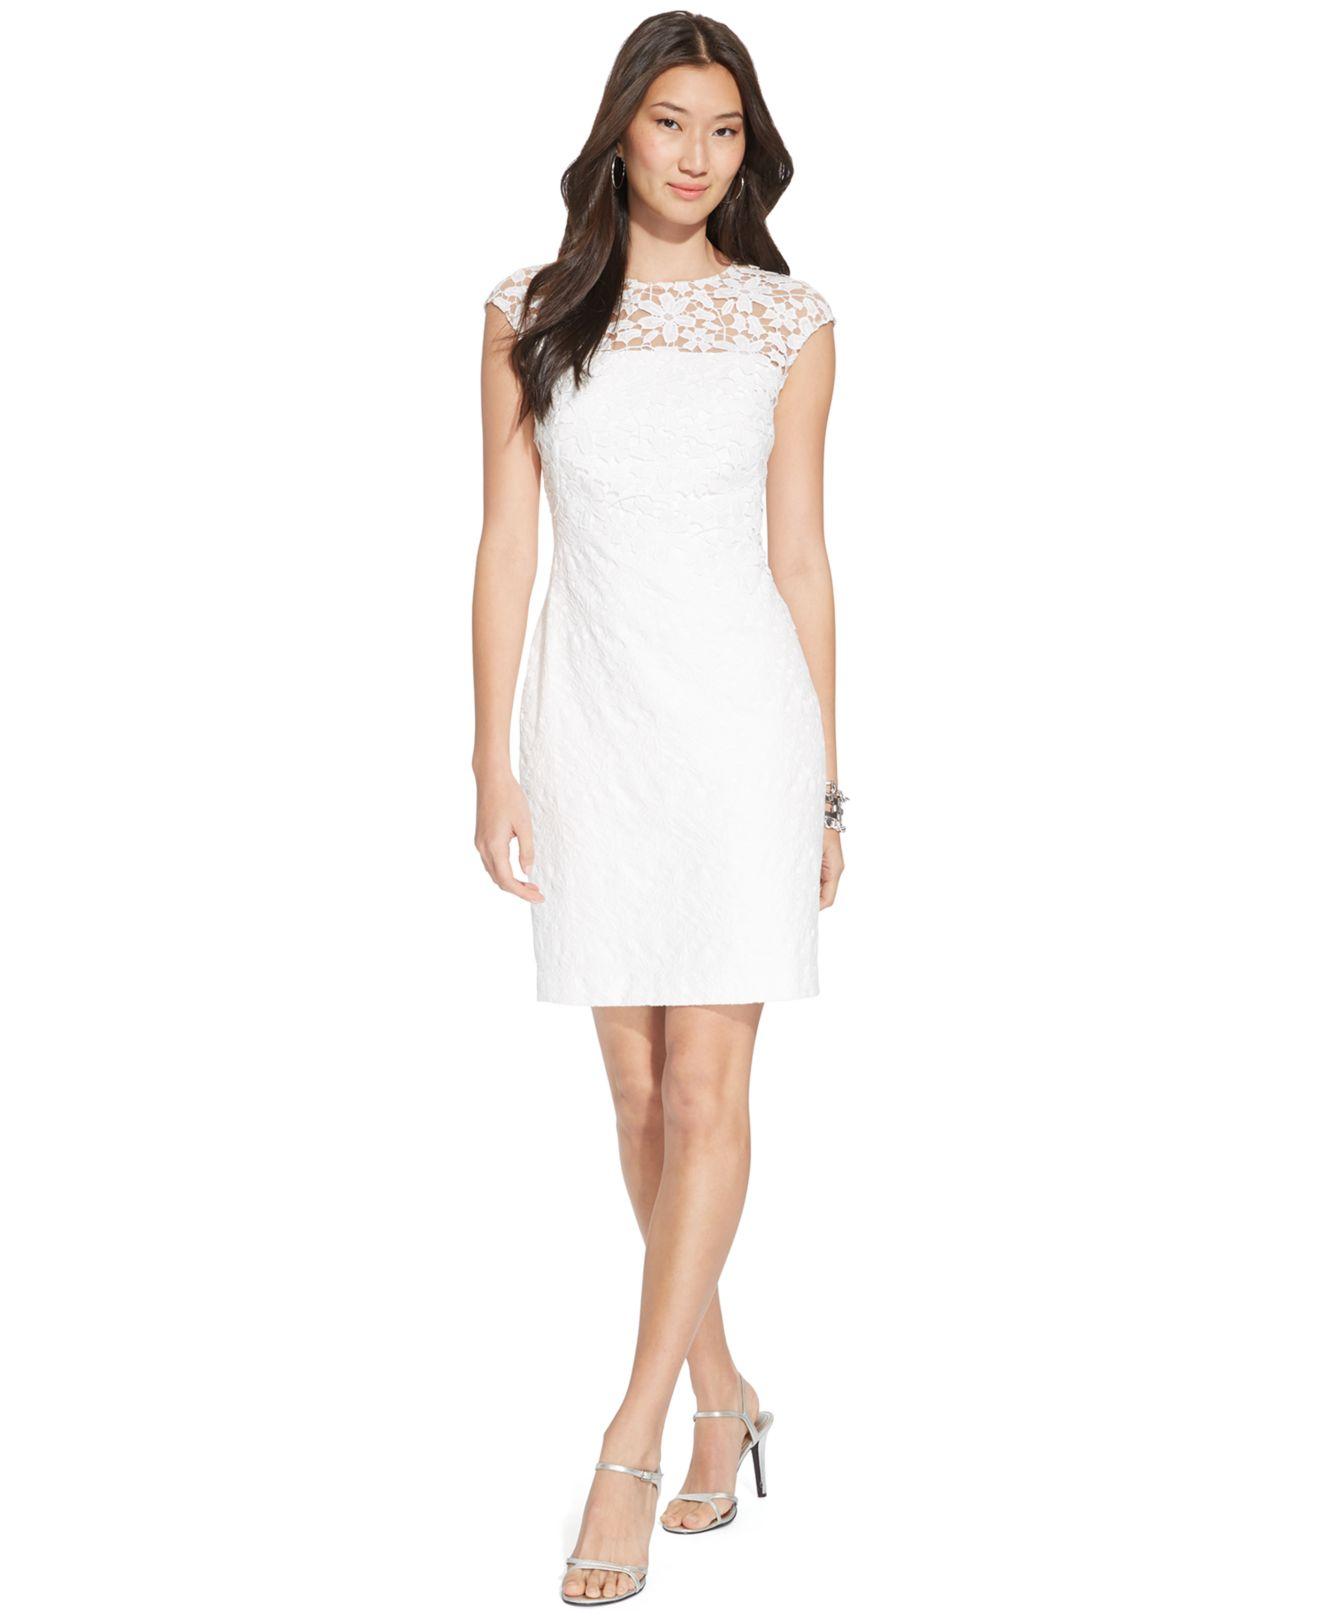 67cabbf139b4 Lyst - Lauren By Ralph Lauren Lace Boat-Neck Dress in White